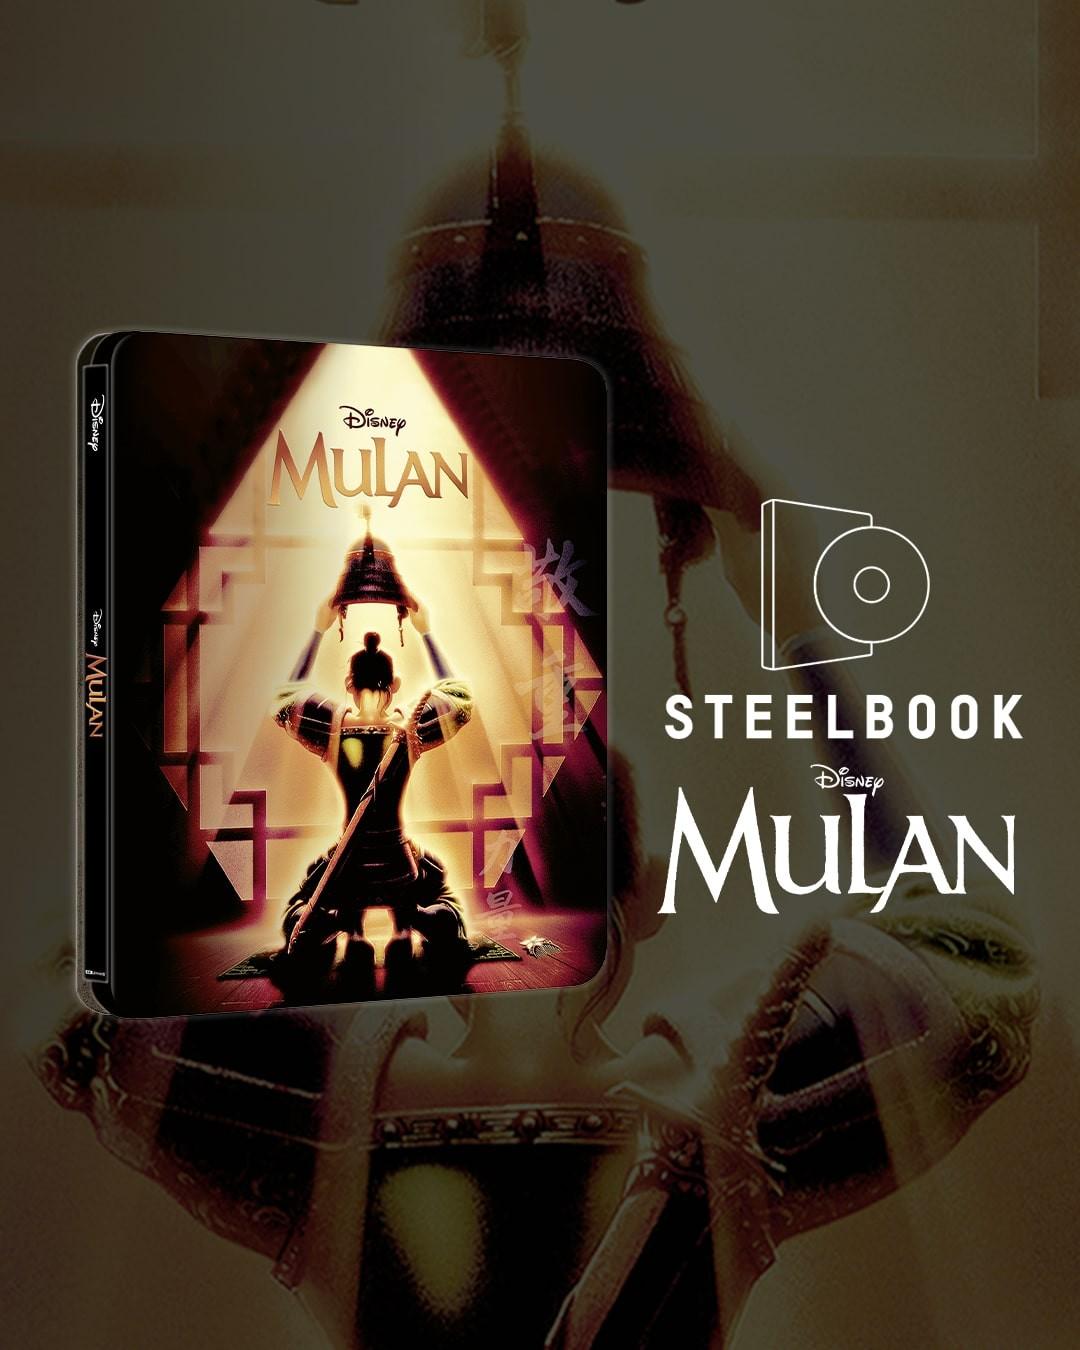 0119-GCI037-Z-TL-Disney_Steelbooks_Mulan-1080x1350-min.jpg